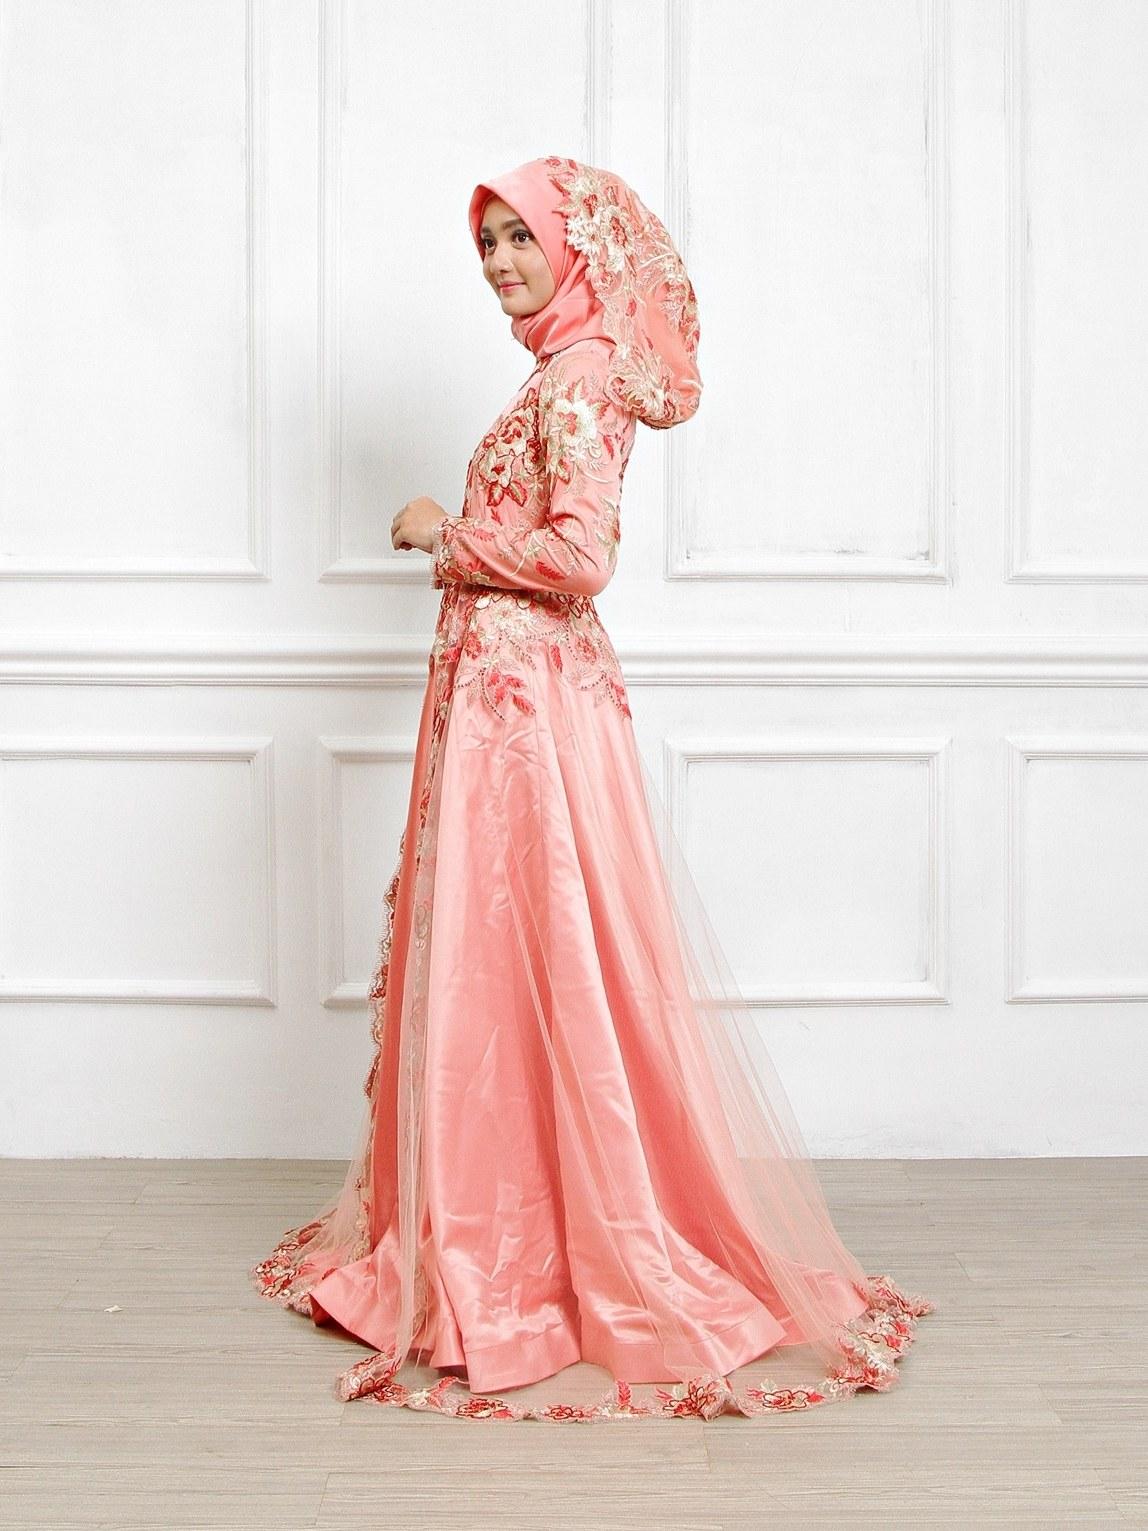 Bentuk Harga Sewa Gaun Pengantin Muslimah Dwdk Sewa Perdana Baju Pengantin Muslimah Jogja Gaun Pengantin